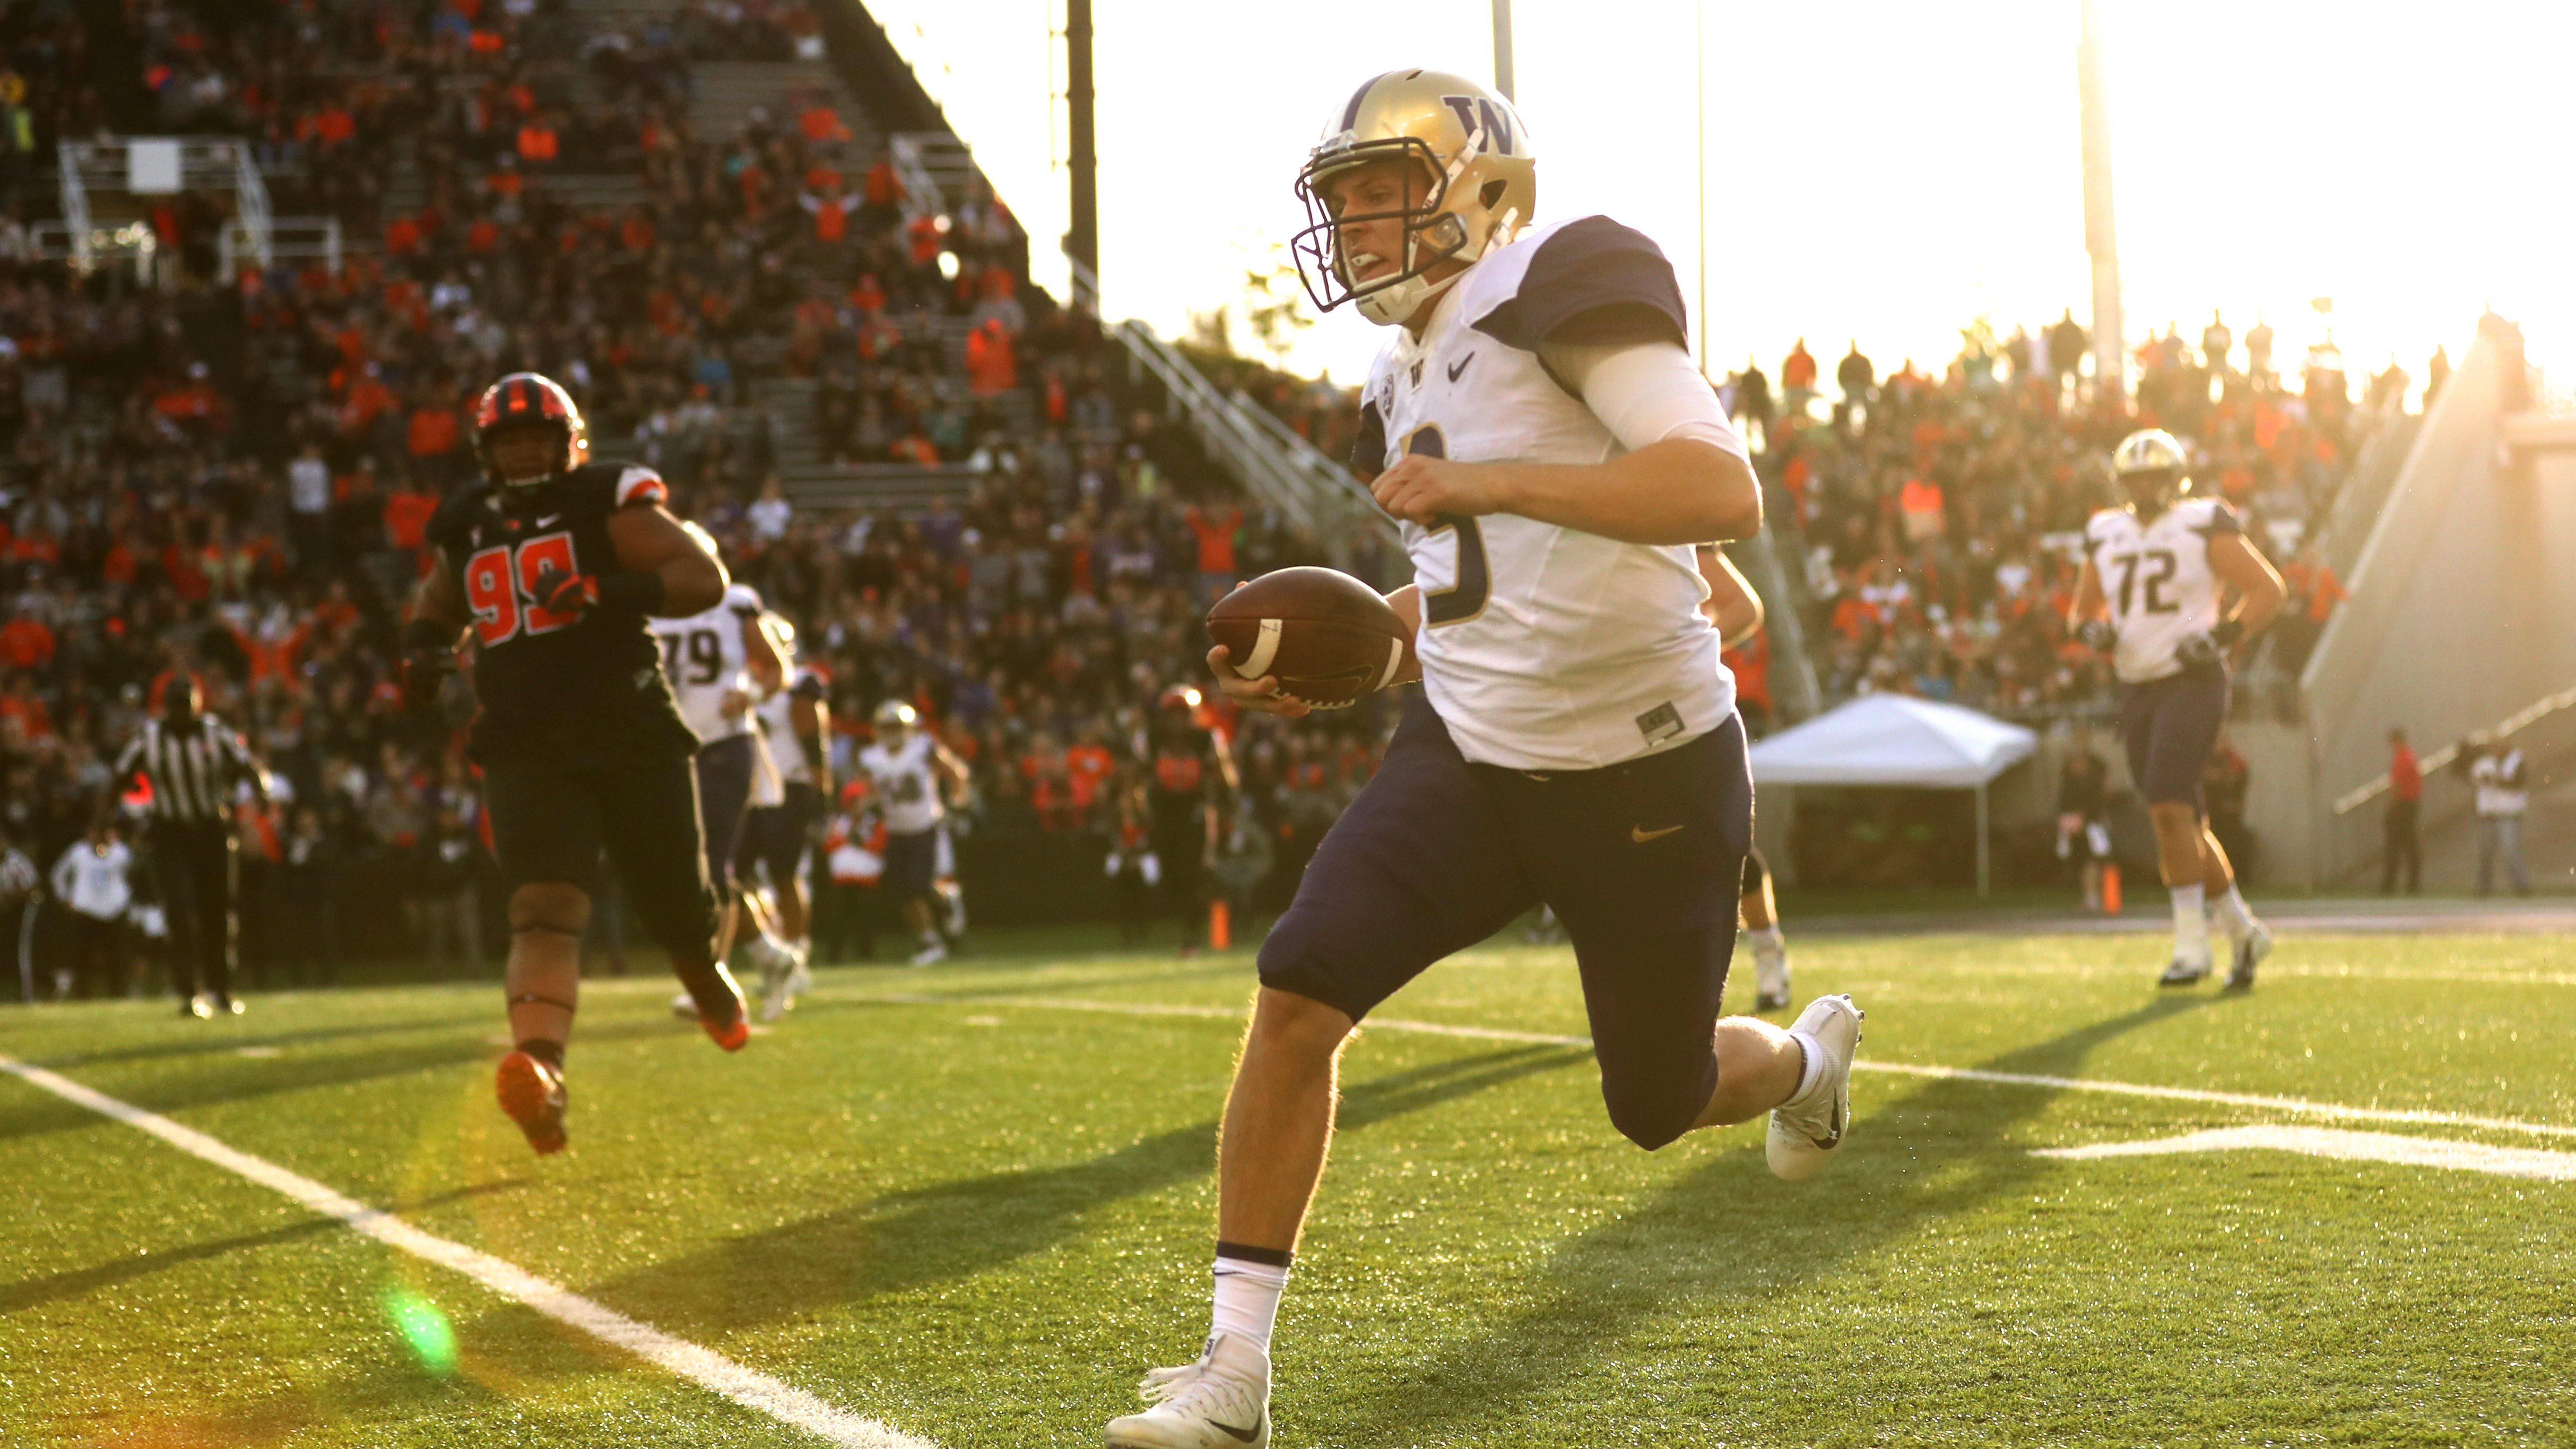 Sep 30, 2017; Corvallis, OR, USA; Washington Huskies quarterback Jake Browning (3) runs upfield Oregon State Beavers in the first half at Reser Stadium. Mandatory Credit: Jaime Valdez-USA TODAY Sports - 10318824